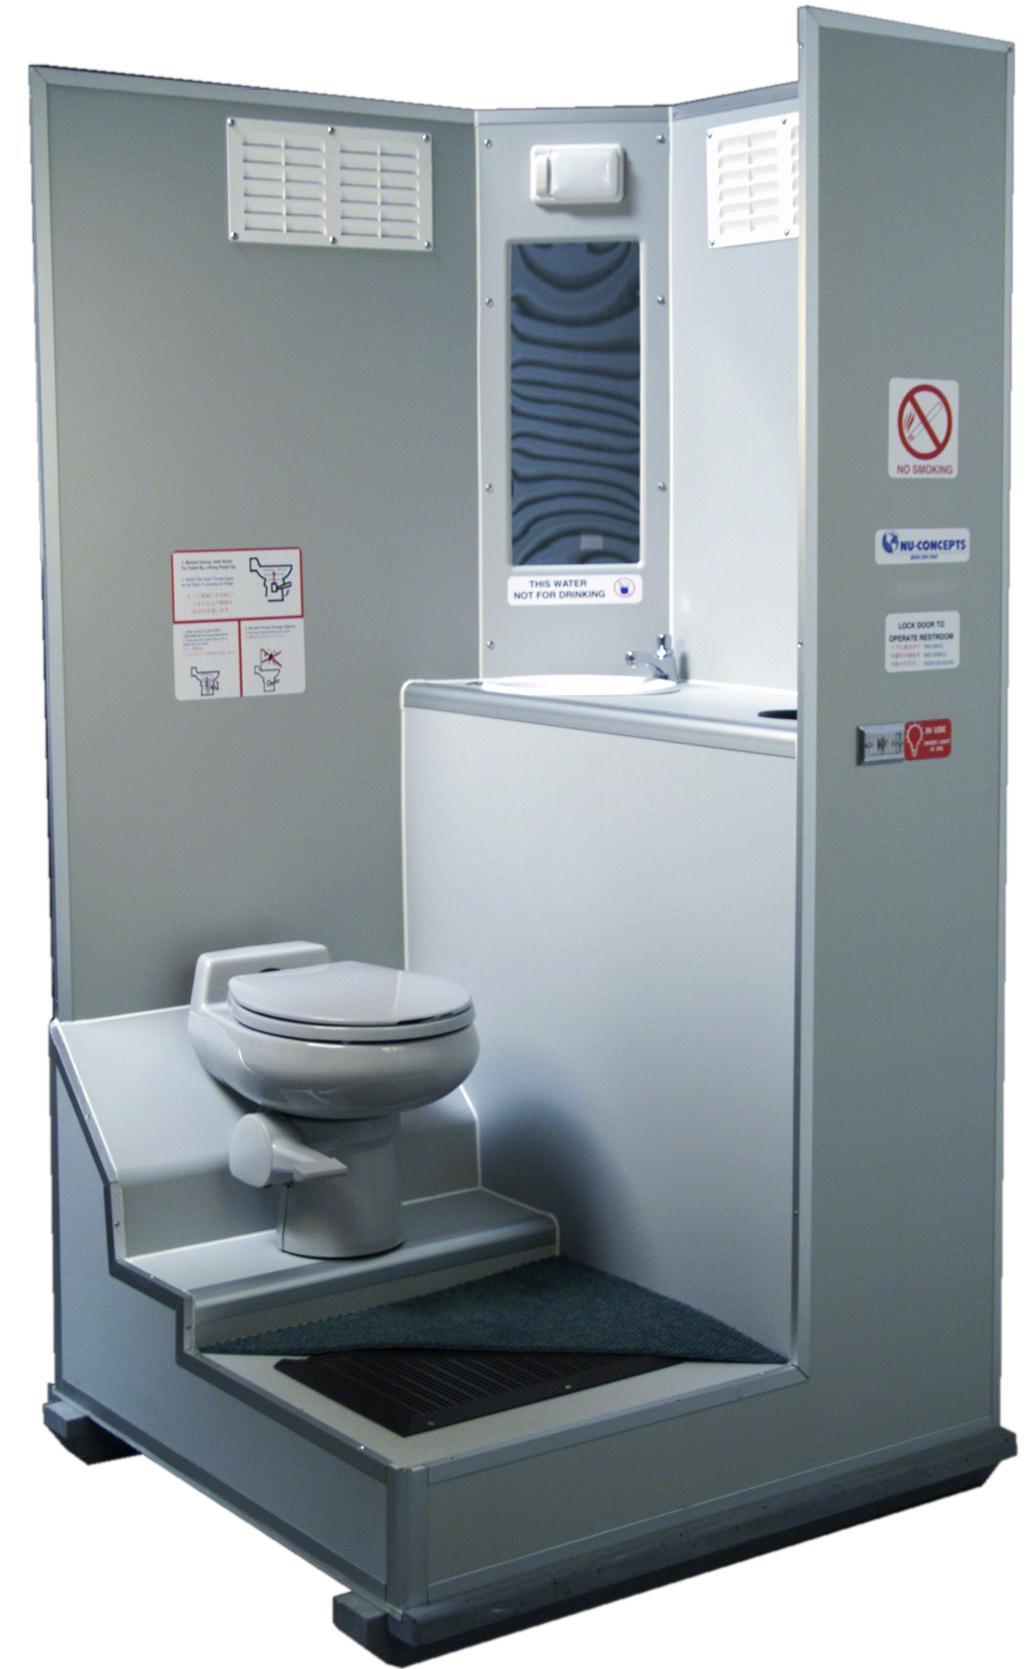 Attractive VIP Portable Restroom Cutaway